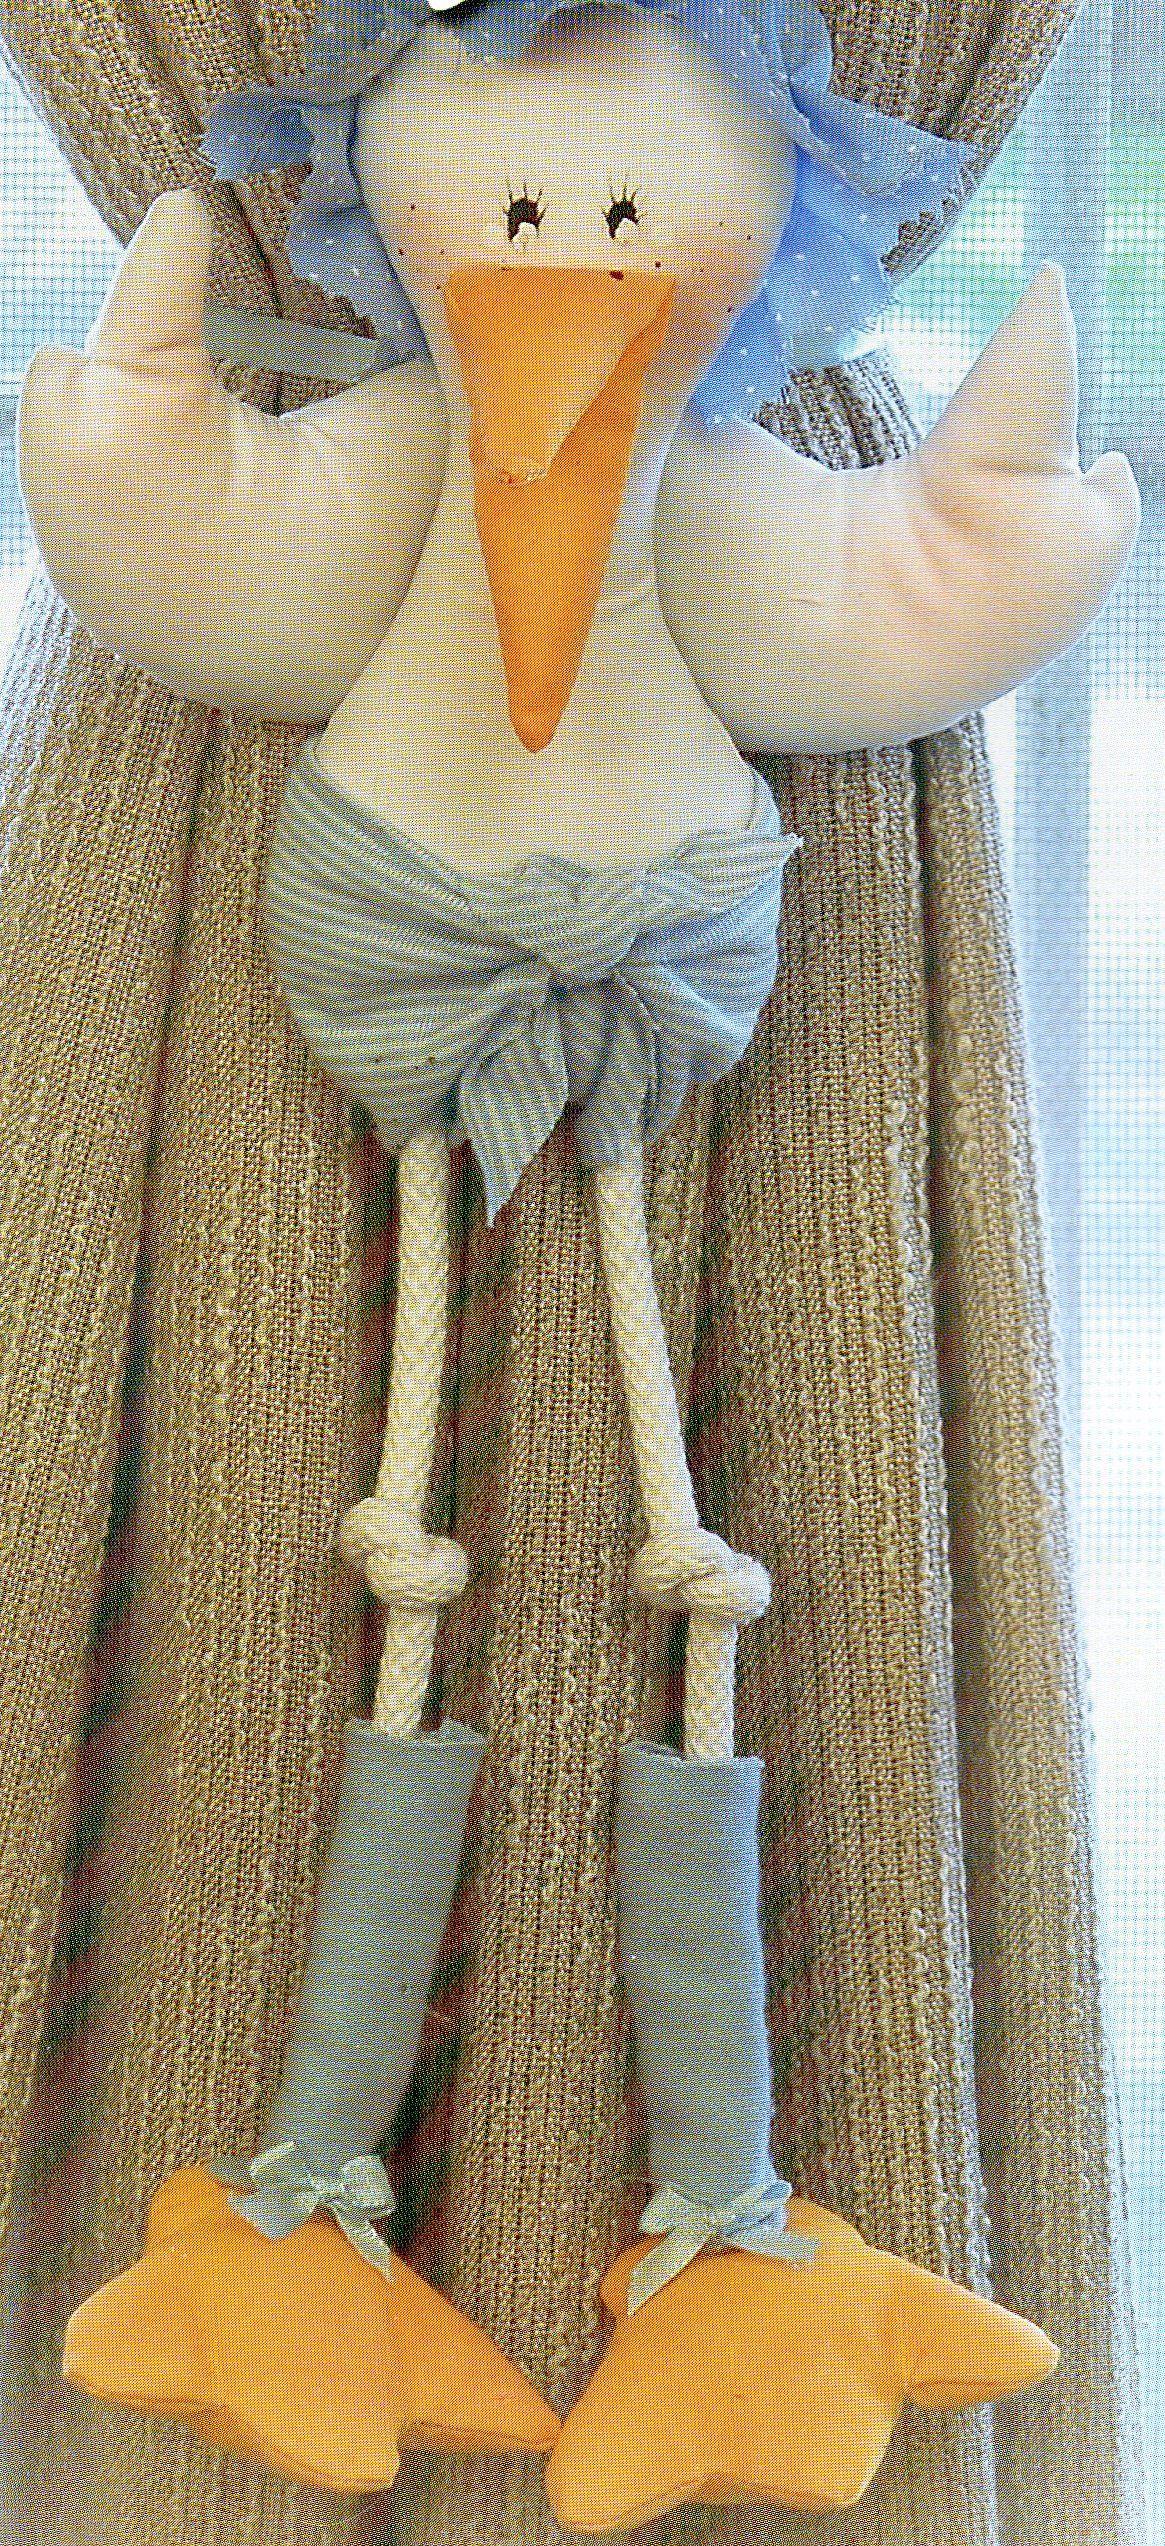 Cigue a beb sujeta cortina explicaciones y moldes en - Cortinas para bebes ...